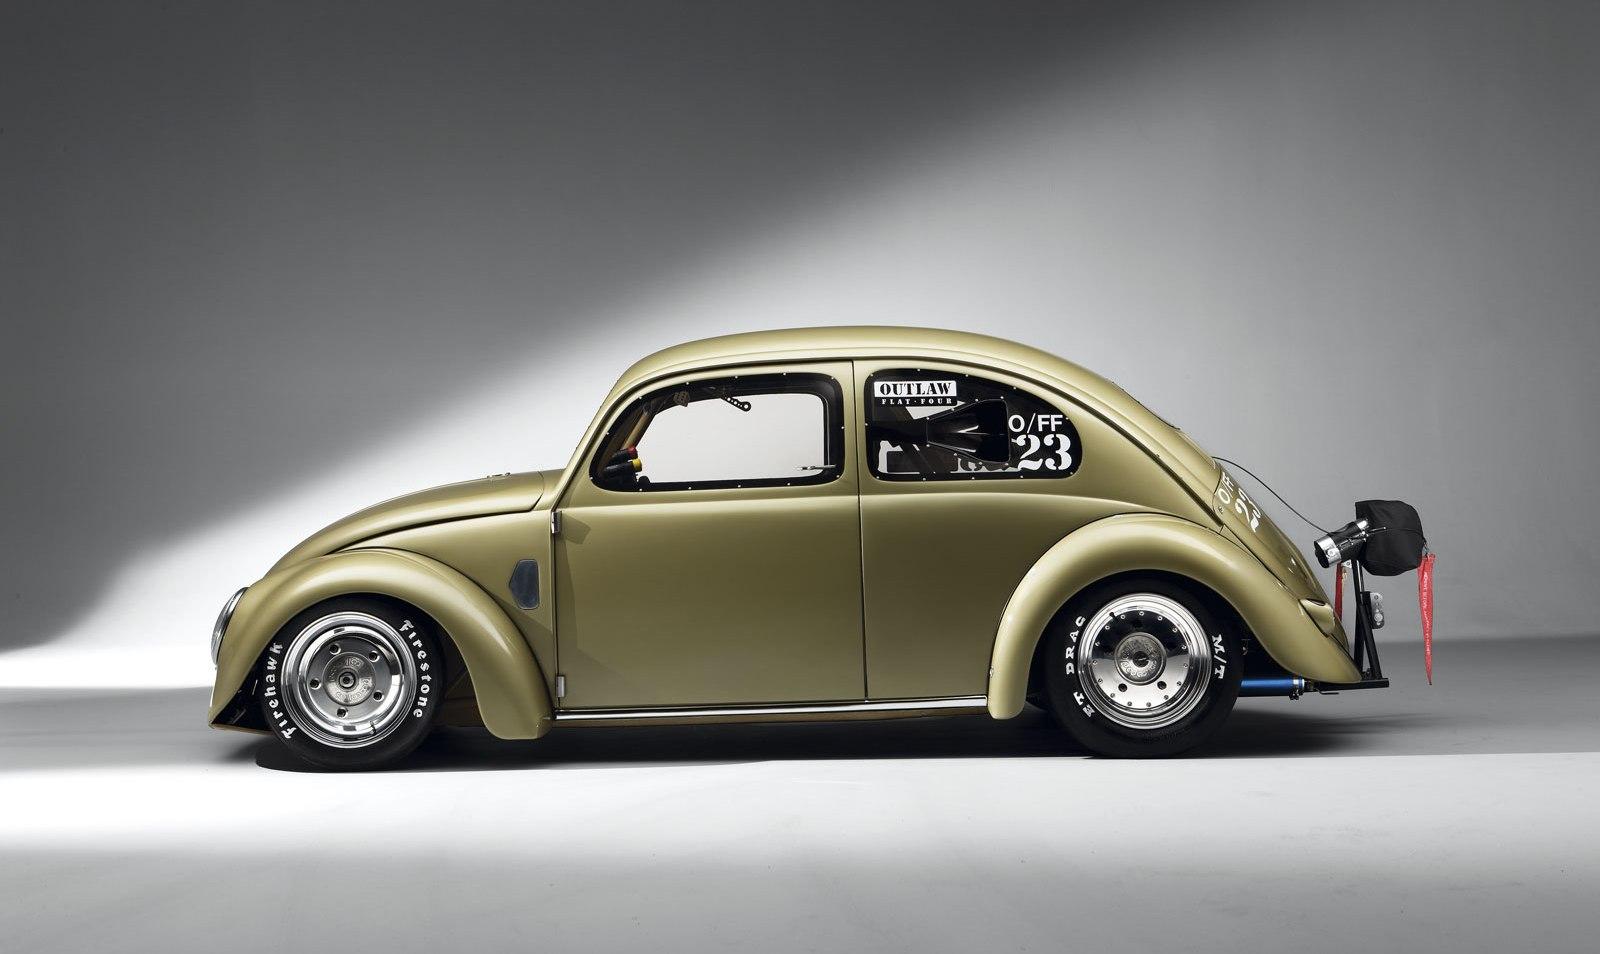 vw beetle wallpaper Volkswagen Beetle Wallpaper Cars Background 1600x954